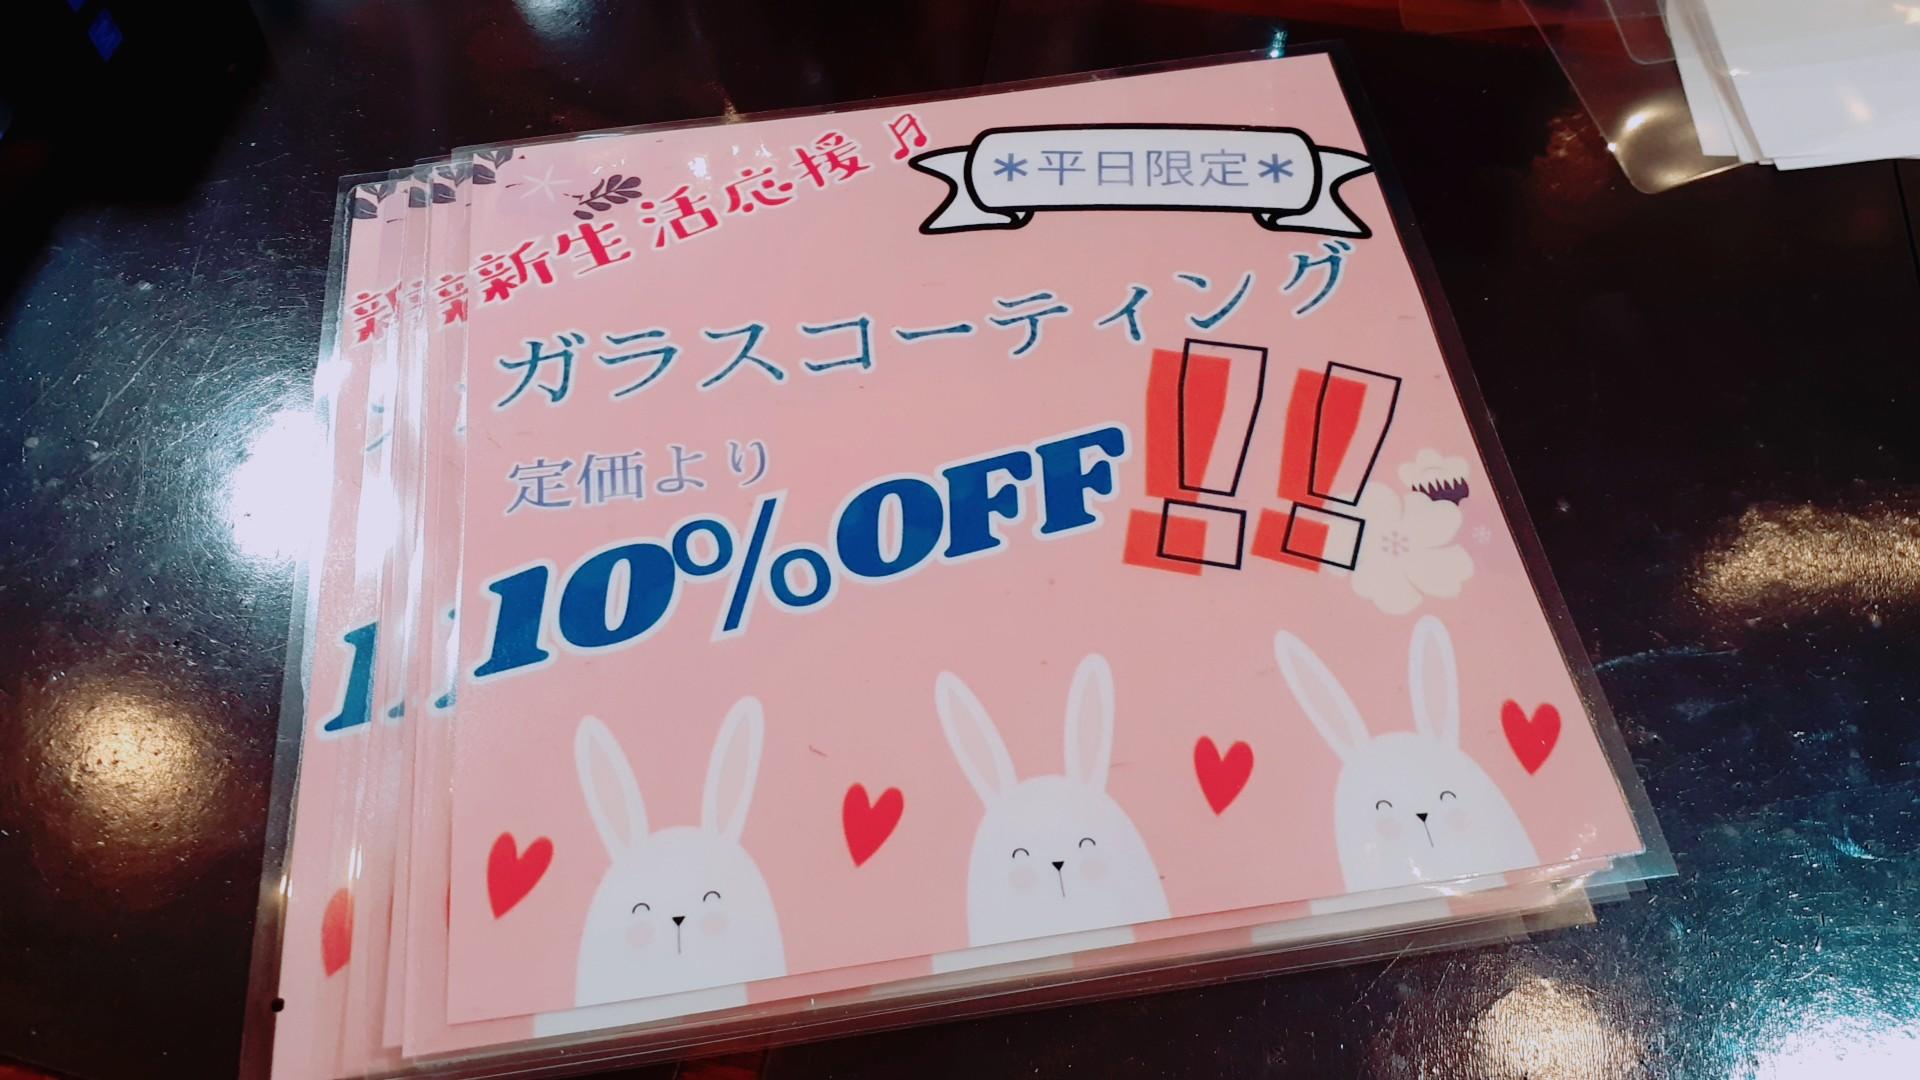 新生活応援!!ガラスコーティング定価より10%OFF開催中!!【平日限定】